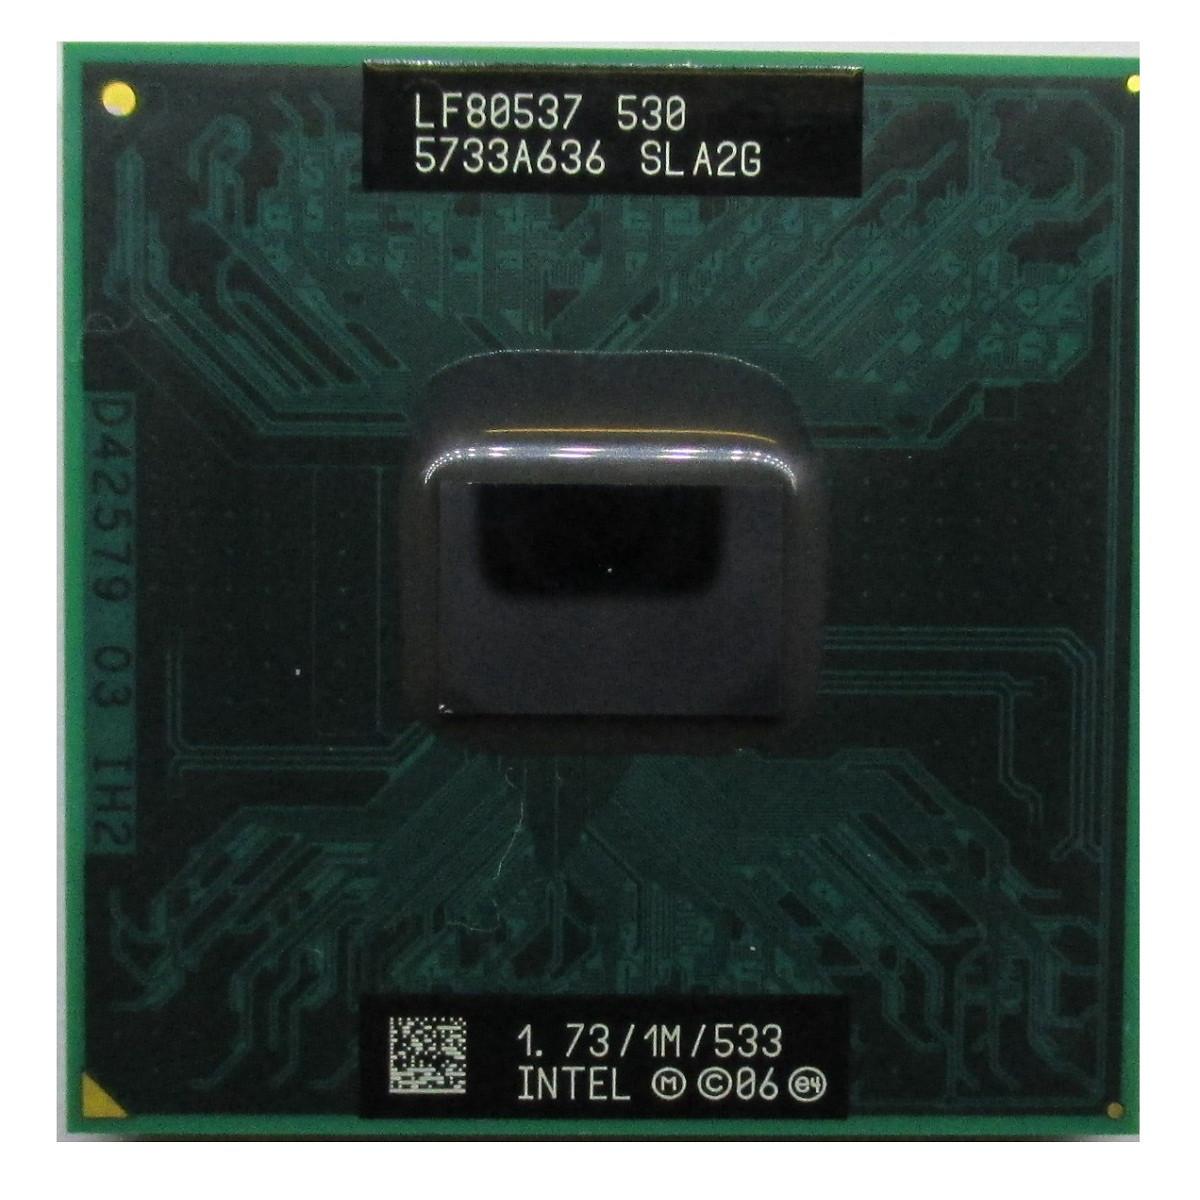 Процессор Intel Celeron M 530 1.73GHz/1M/533 (SLA2G) socket P, tray